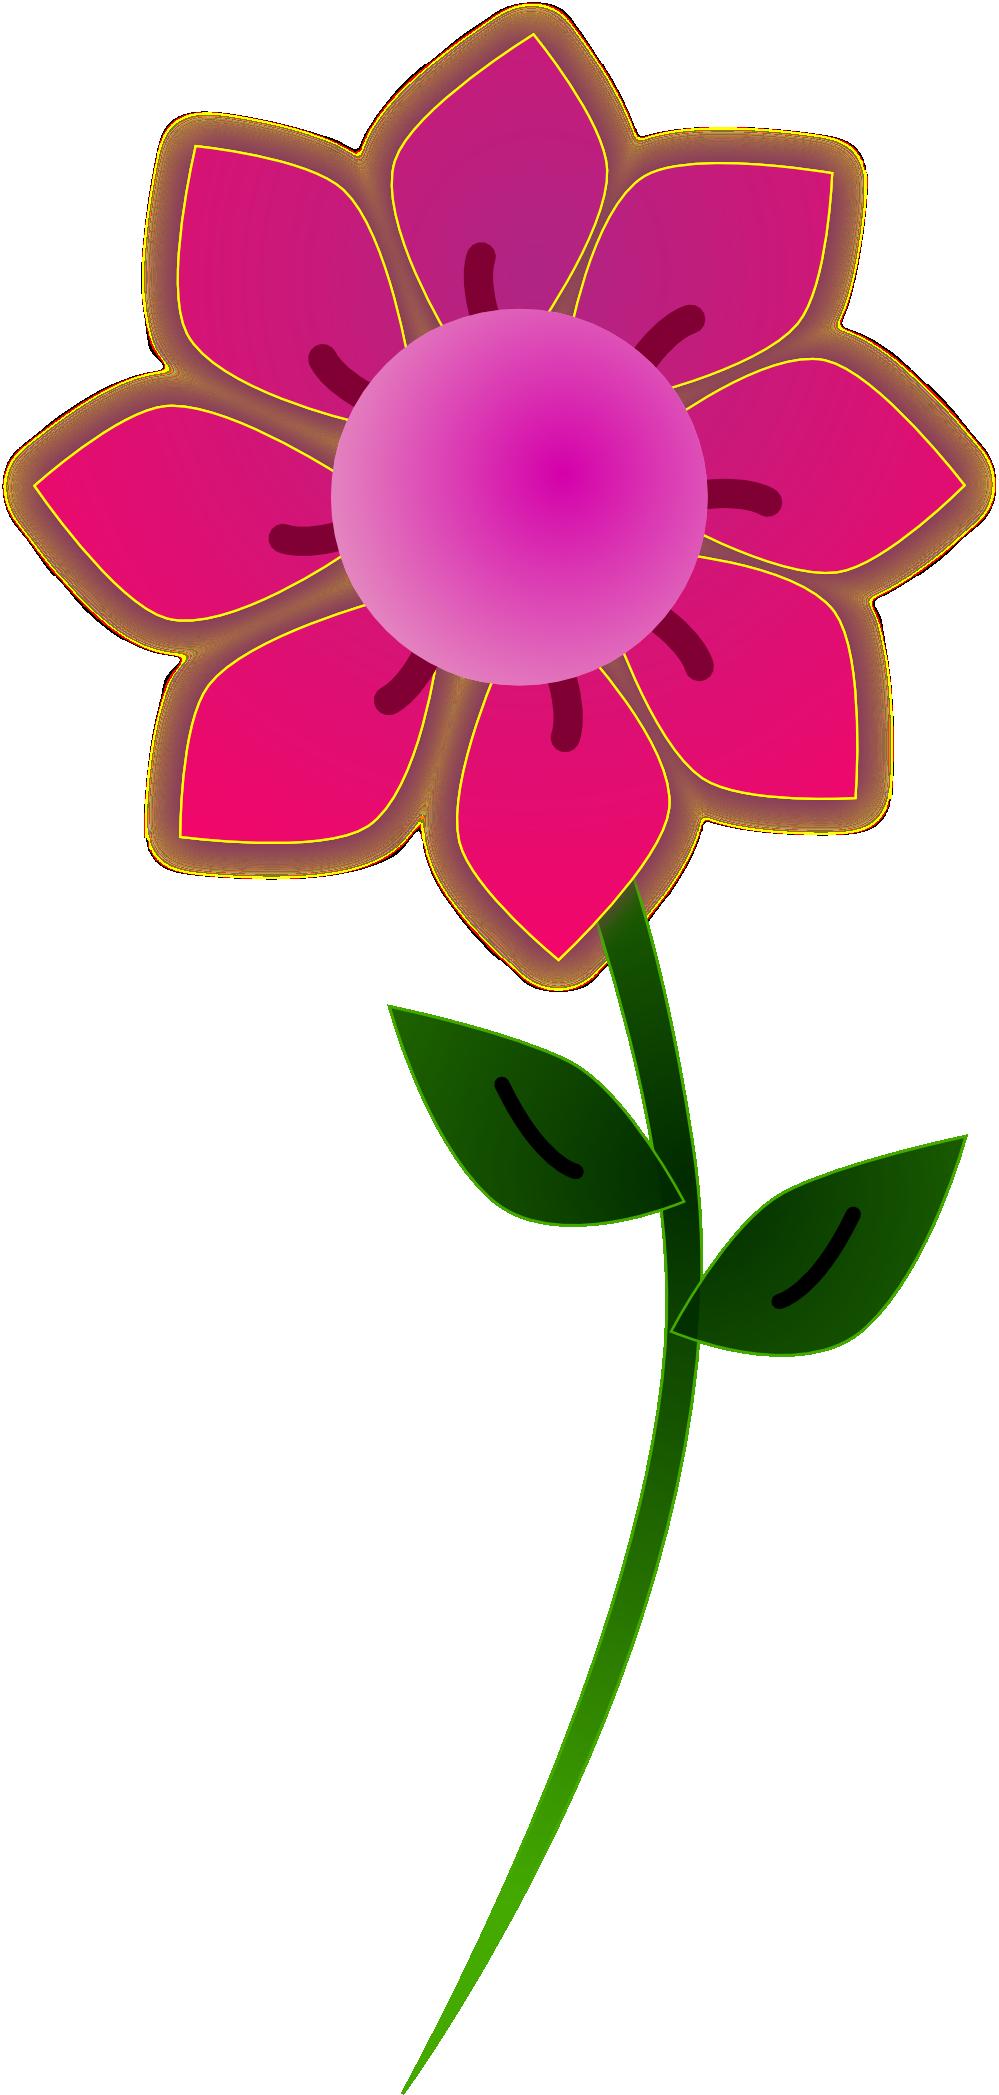 Elower clipart pink flower For Flower Flower Free Art